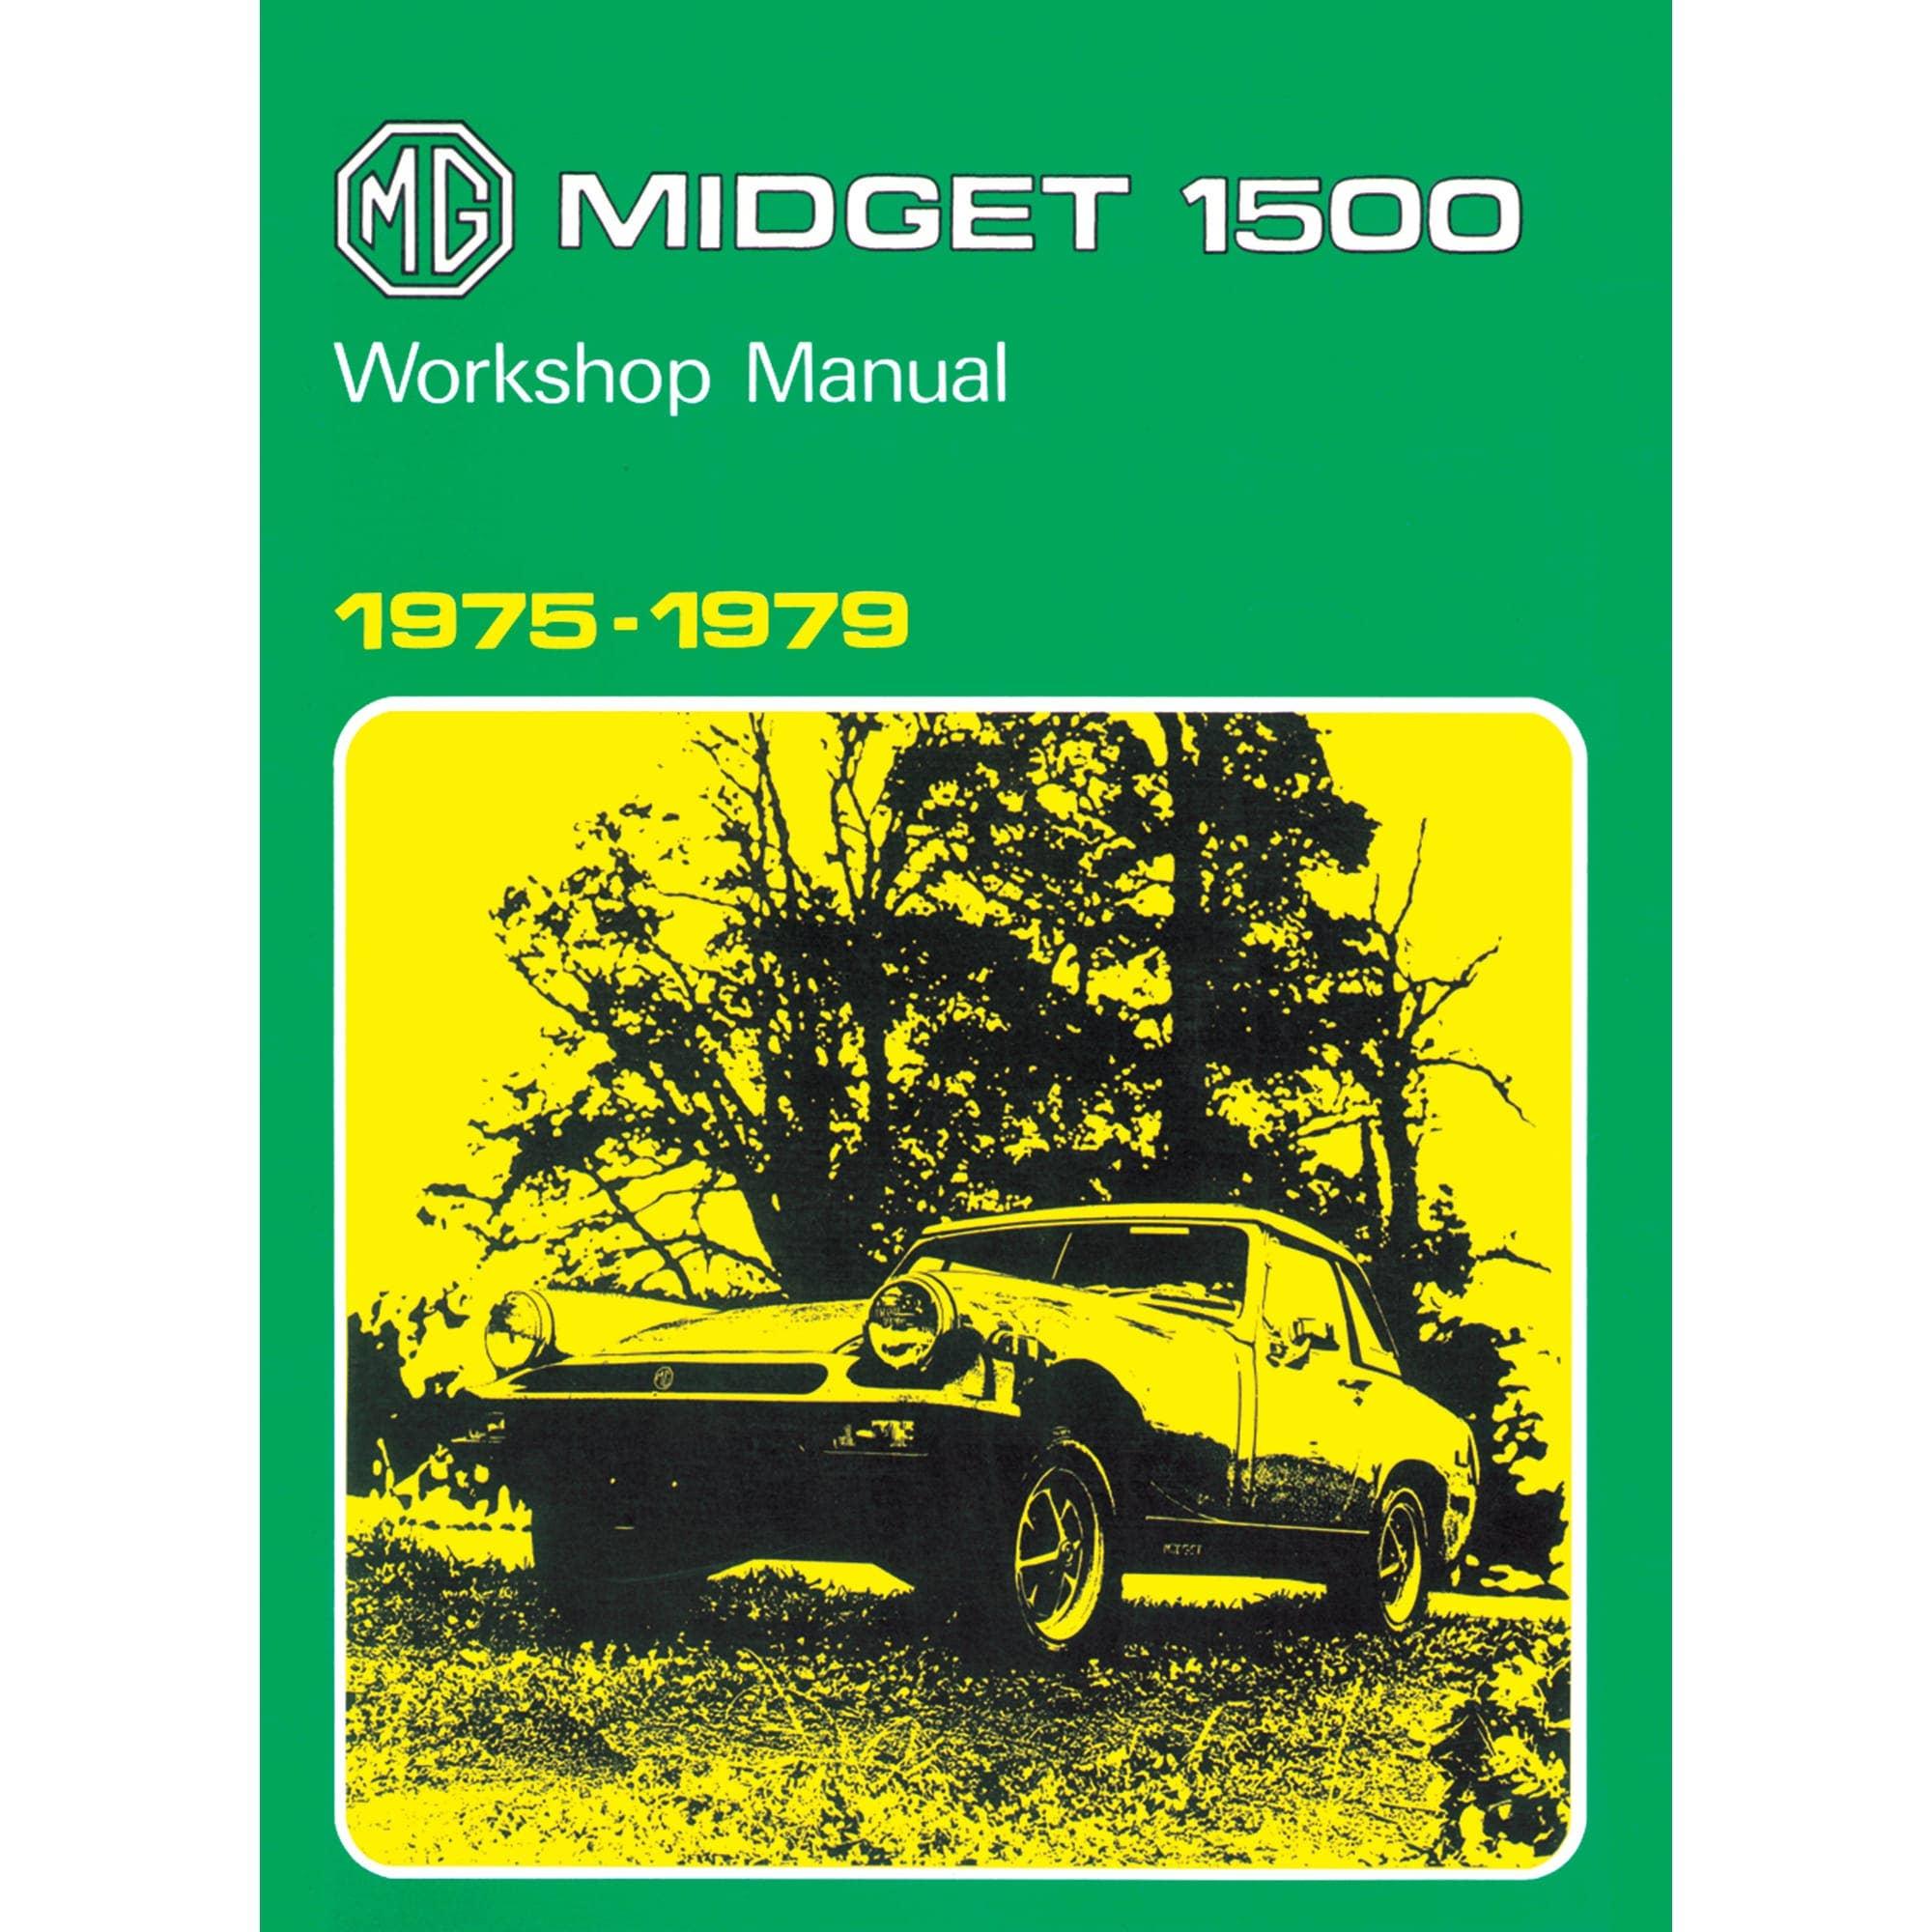 midget 1500 manual  array factory workshop manual reprints manuals books u0026 videos mg rh mossmotors